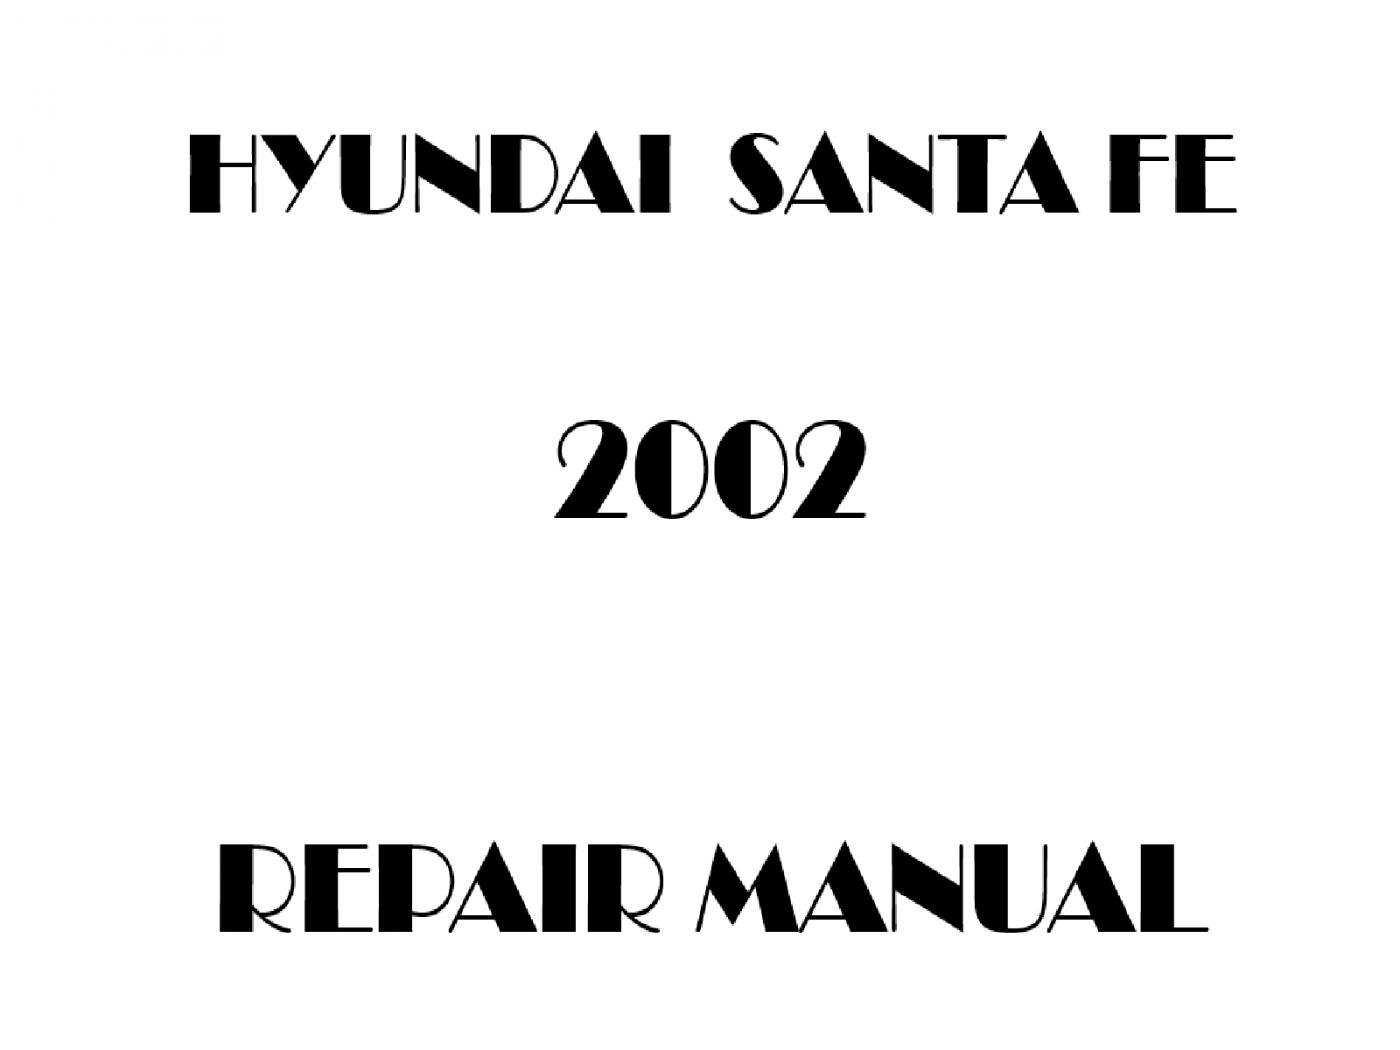 2002 Hyundai Santa Fe repair manual